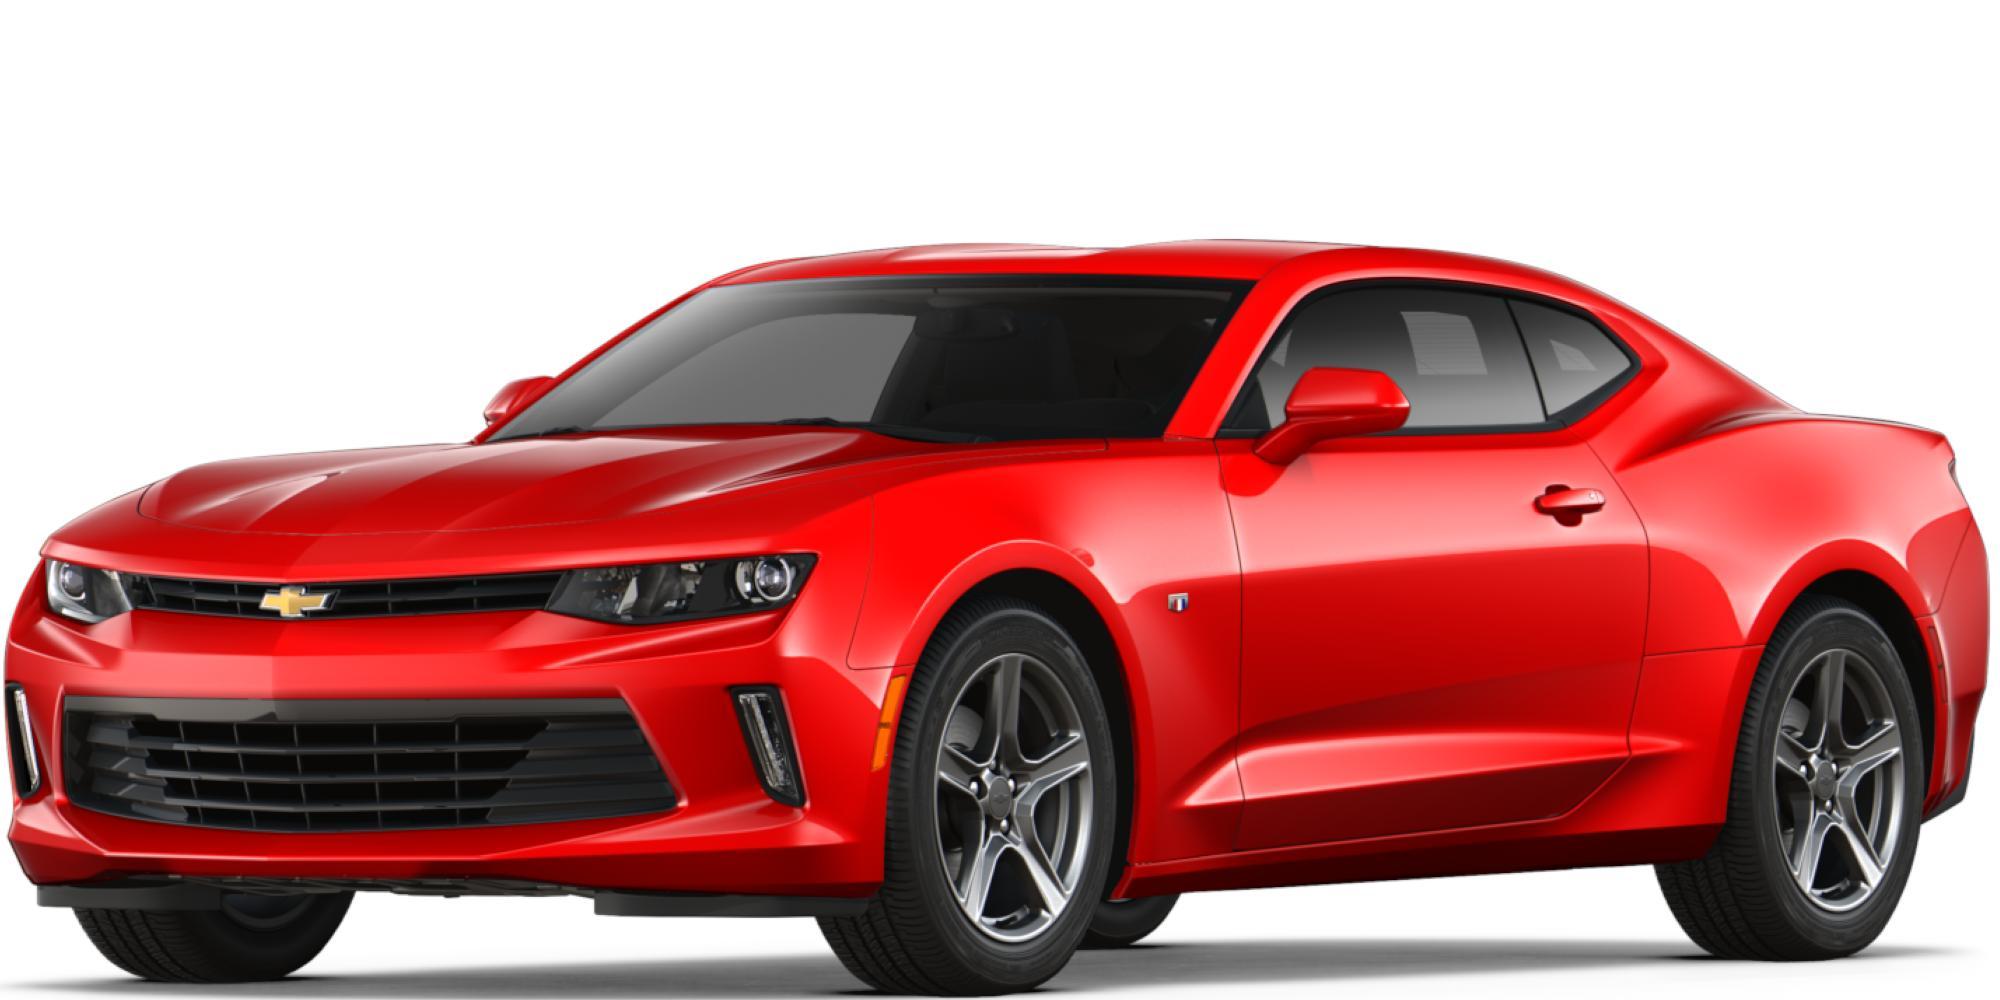 Auto deportivo Camaro 2018: Vista frontal